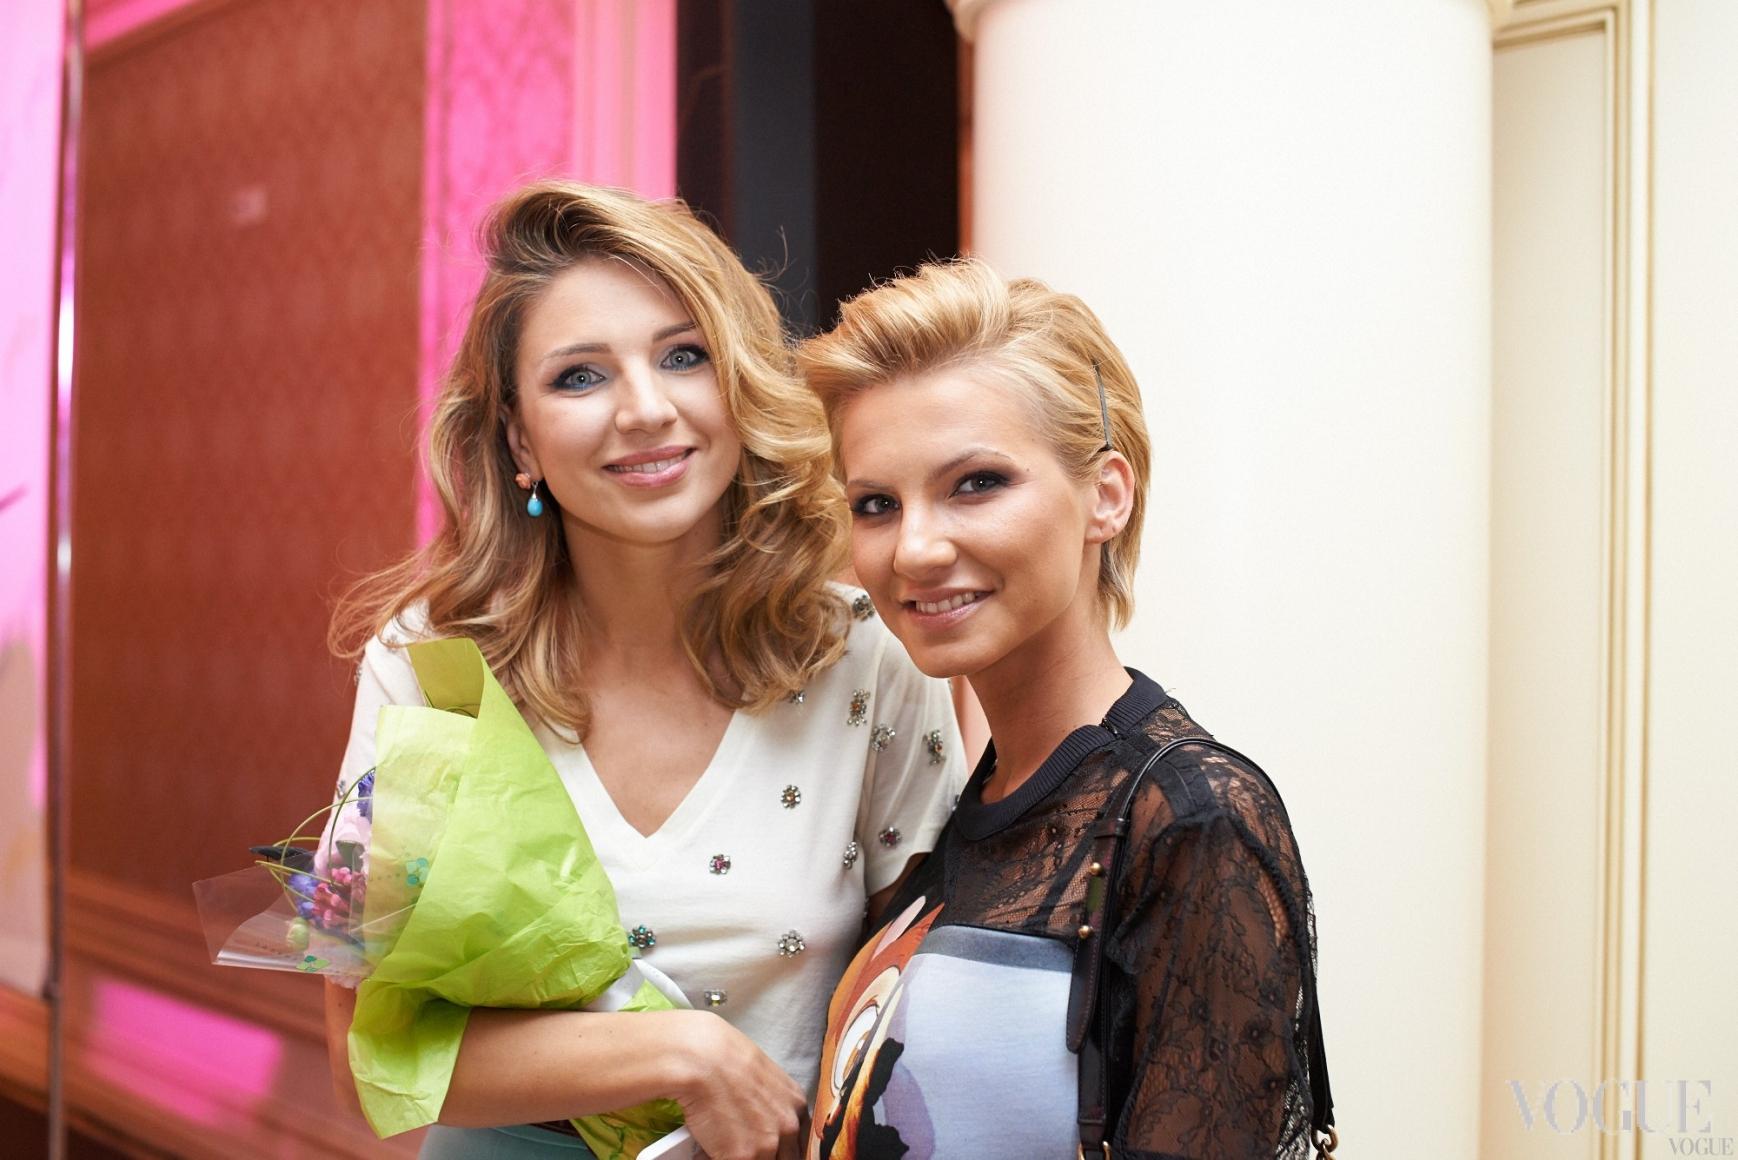 Катя Сильченко и Елизавета Юрушева